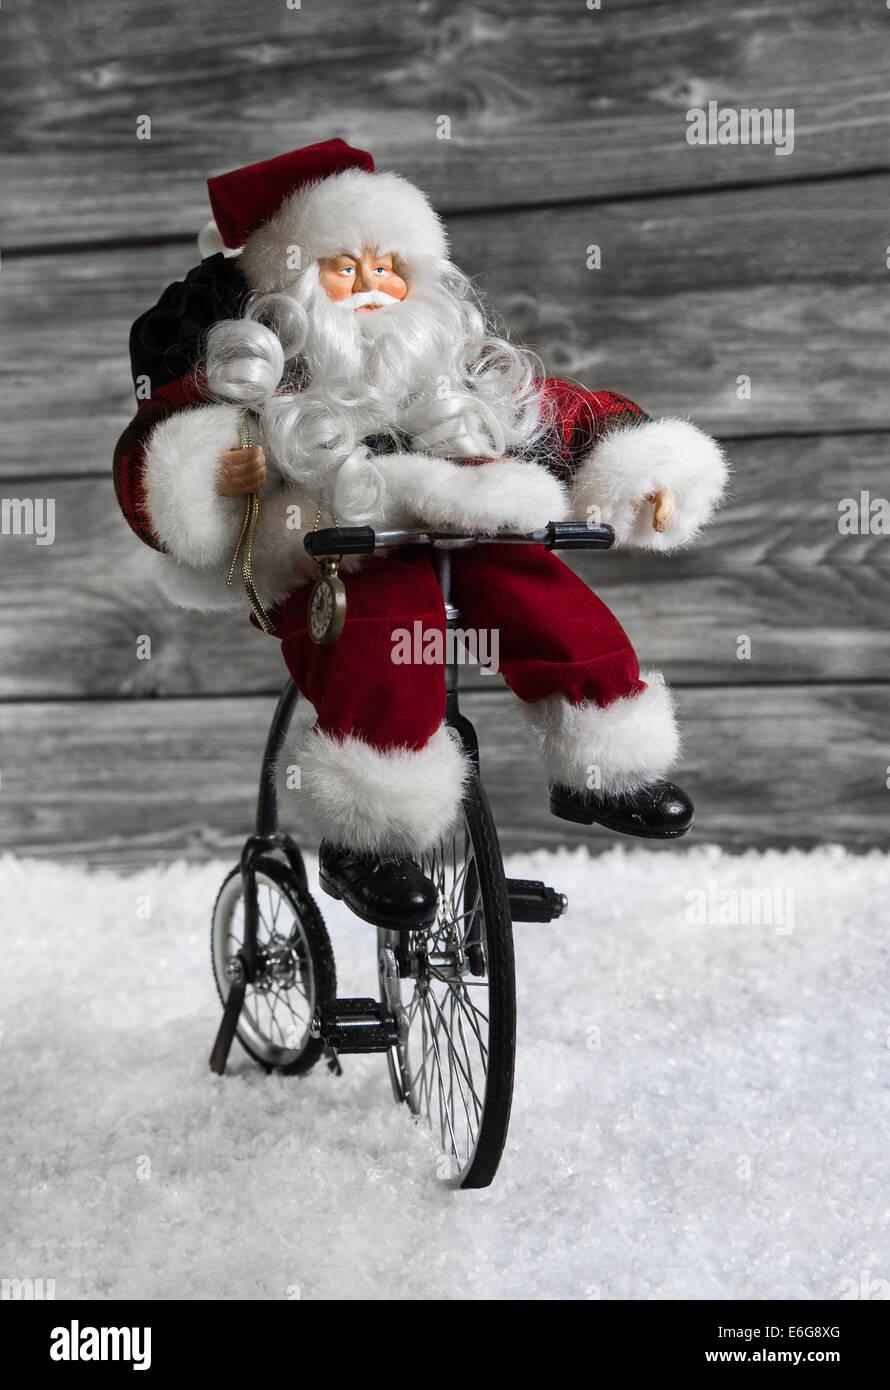 Weihnachtsdeko Roller.Großer Santa Weihnachtsmann Auf Motor Roller Nikolaus Dekofigur